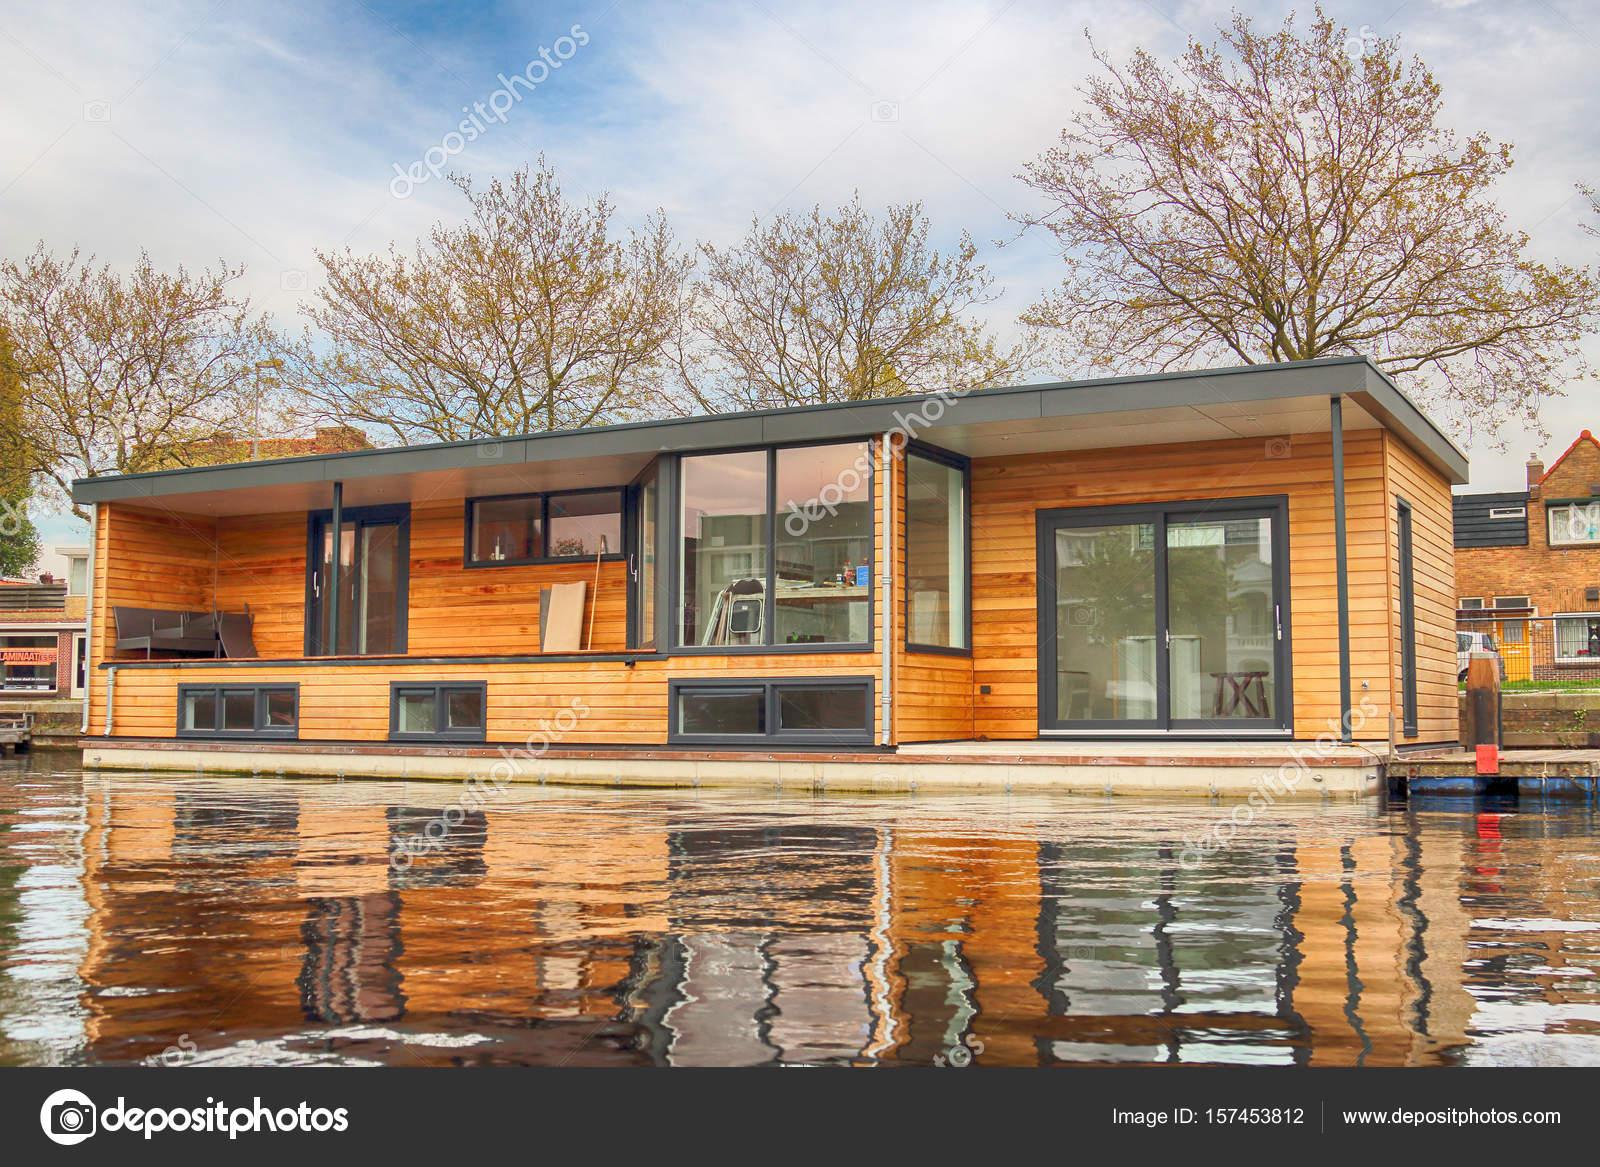 Haarlem, Pays-Bas - 30 avril 2017 : Maison moderne sur l\'eau. Vue ...